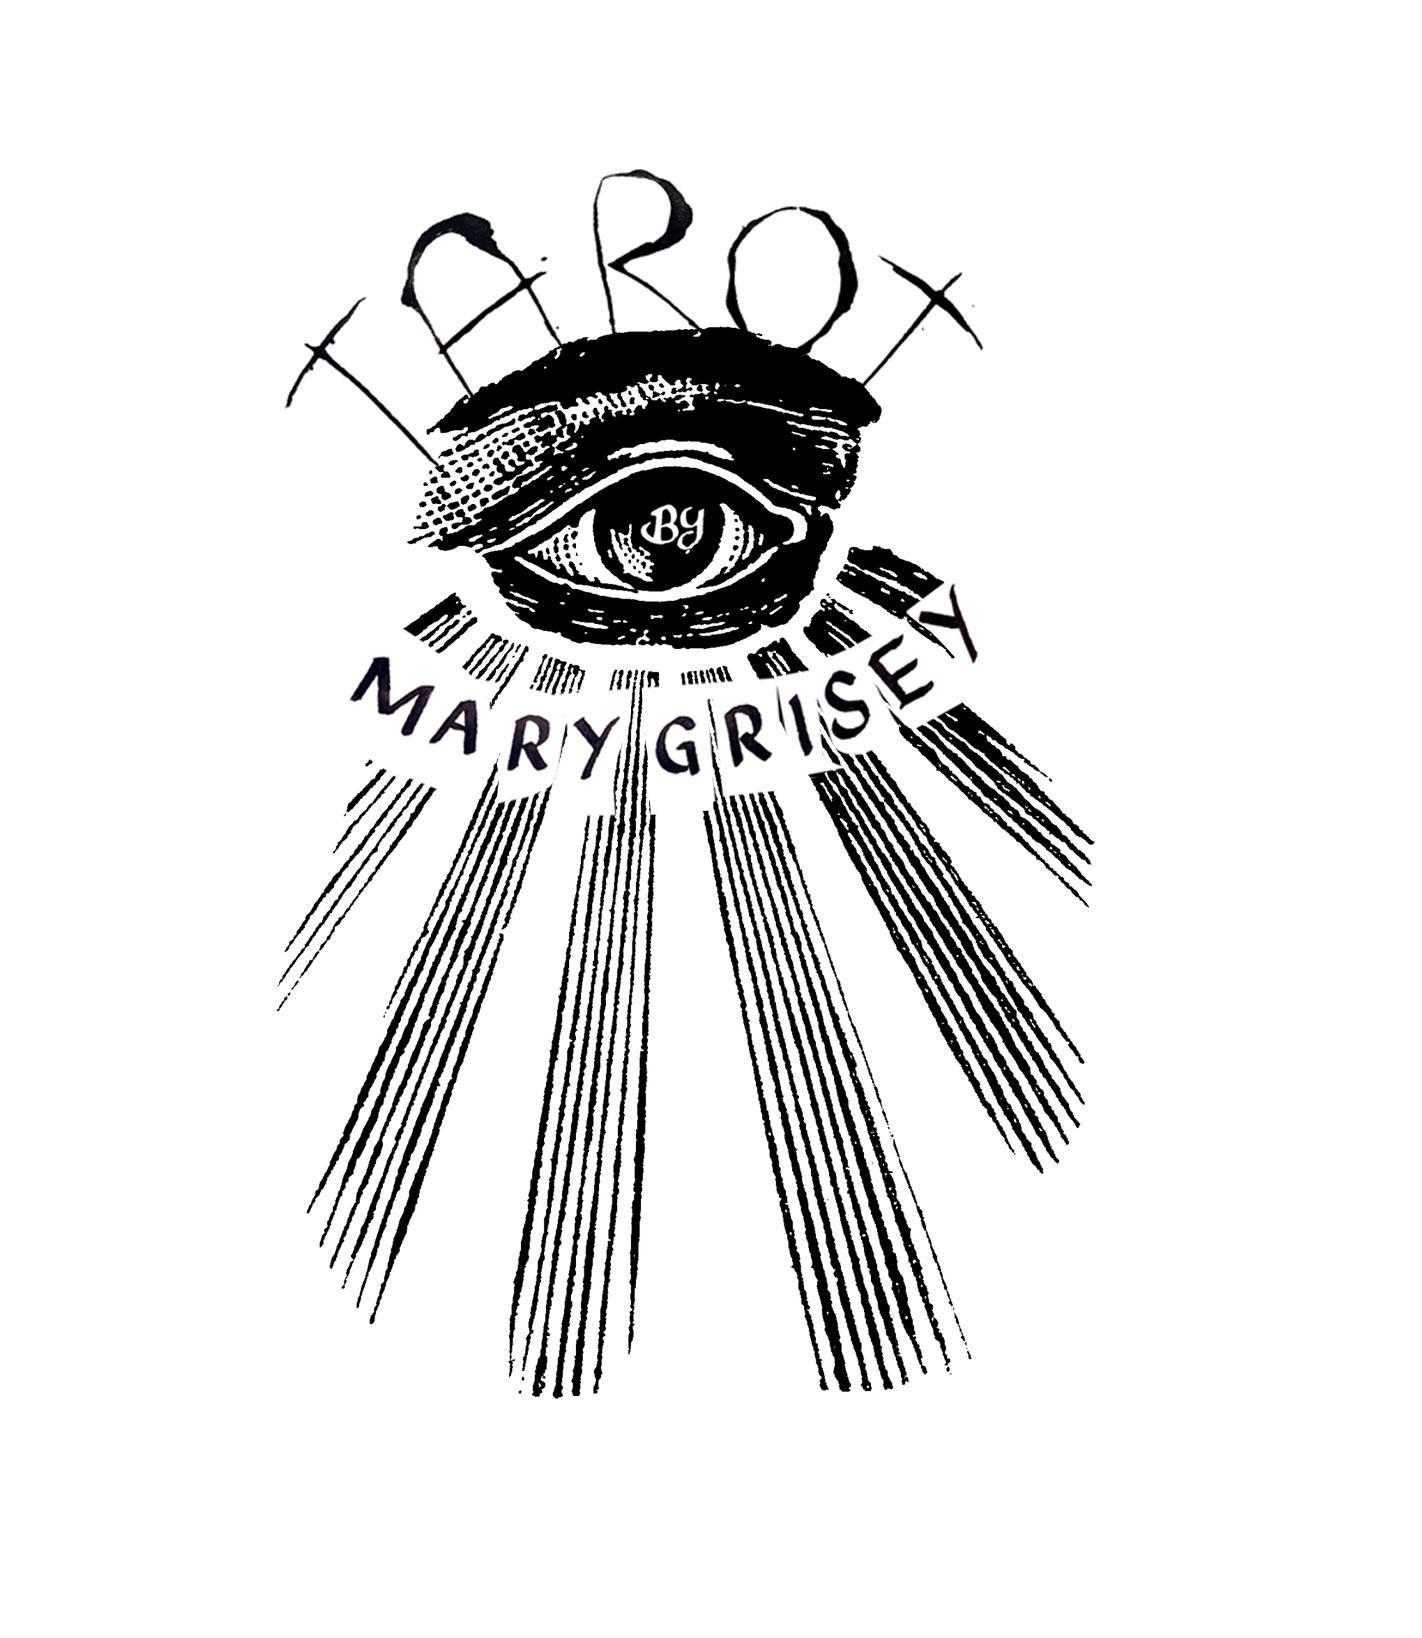 MG_tarot-logo.jpg